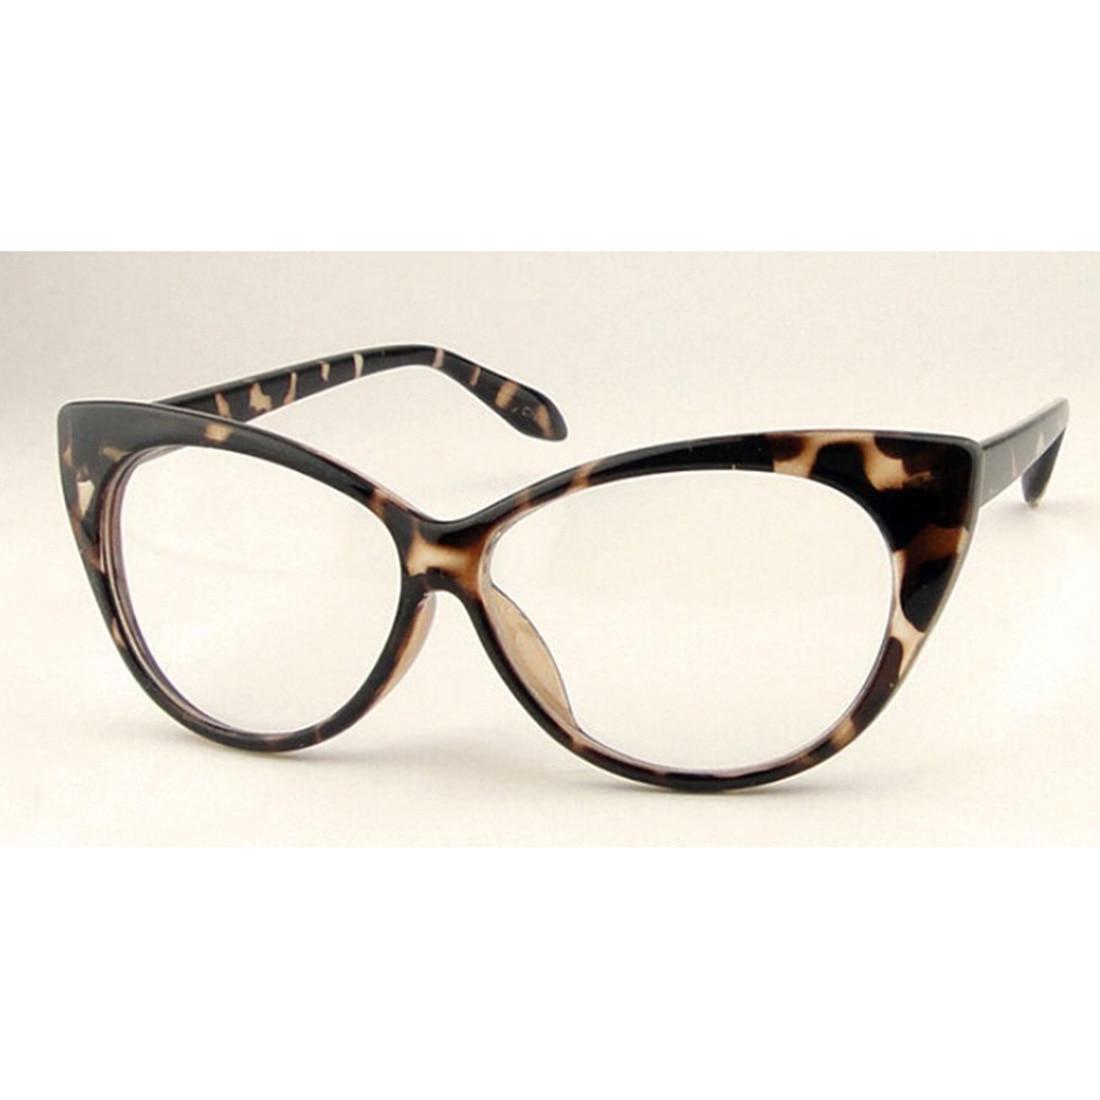 modern elegant design cat eyes shape glasses frame for ladies acetate optical frames retro plastic plain glasses 5 colors in eyewear frames from womens - Modern Glasses Frames